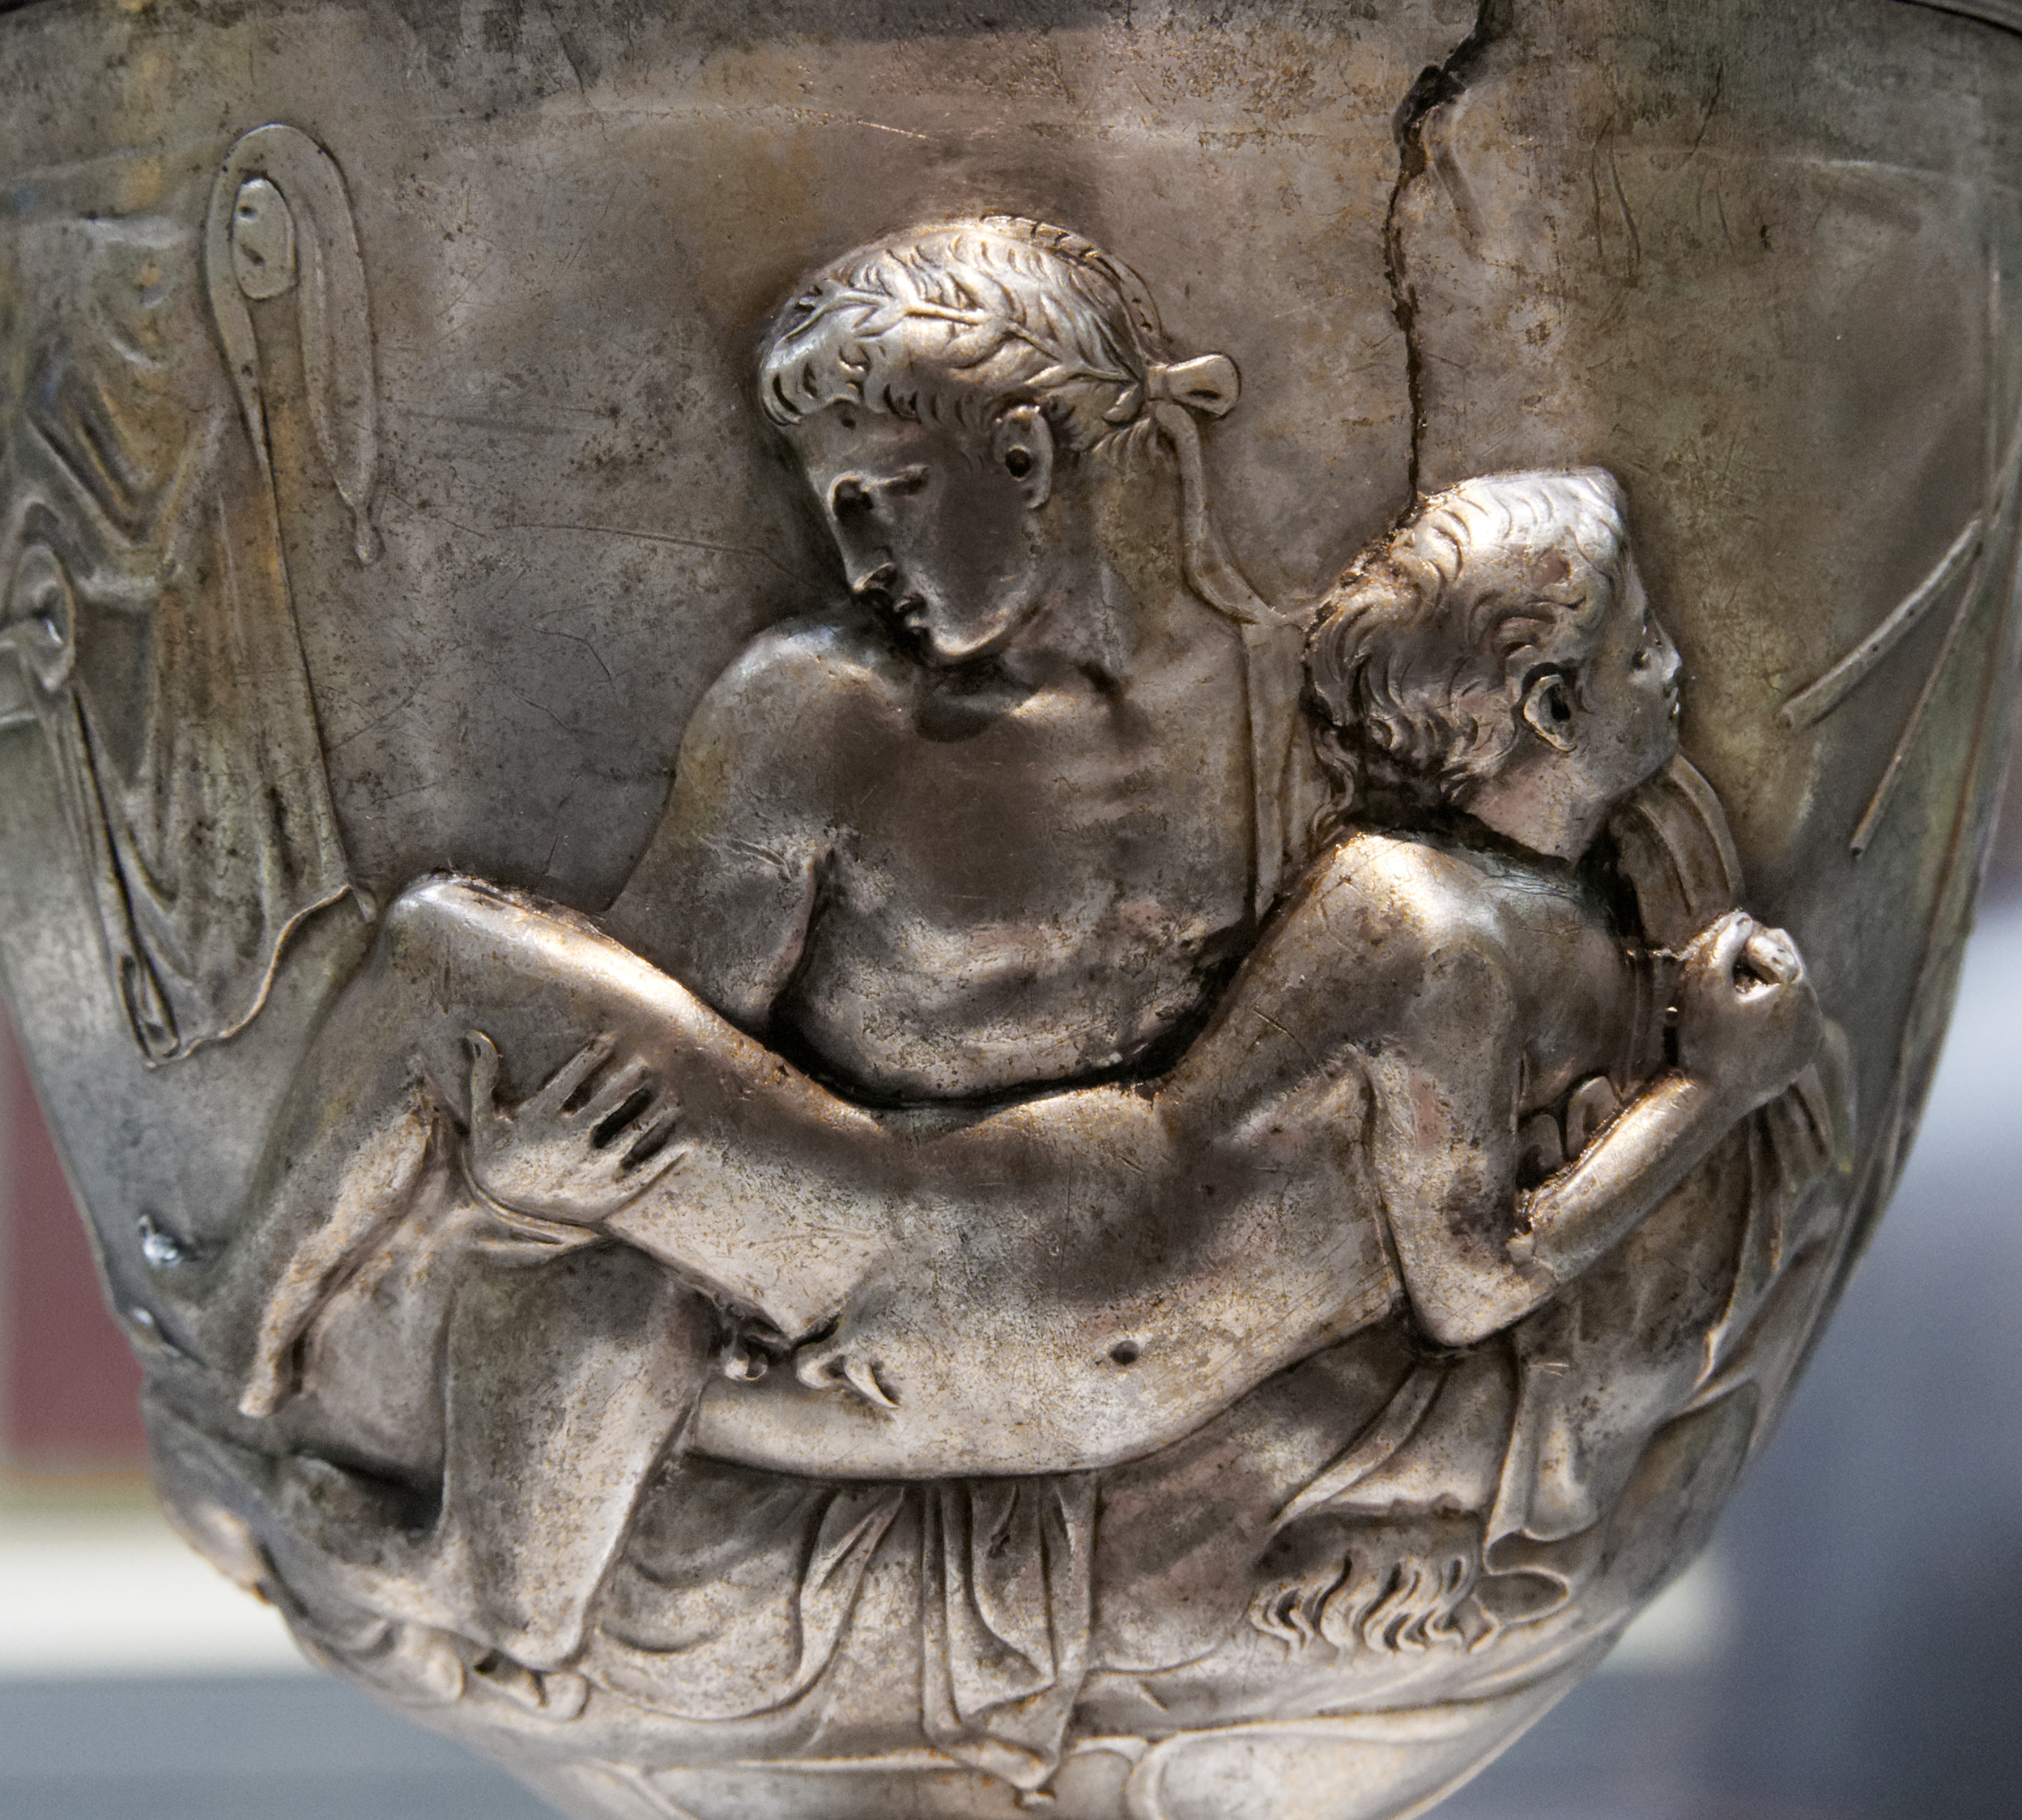 flm erotici body massaggi roma